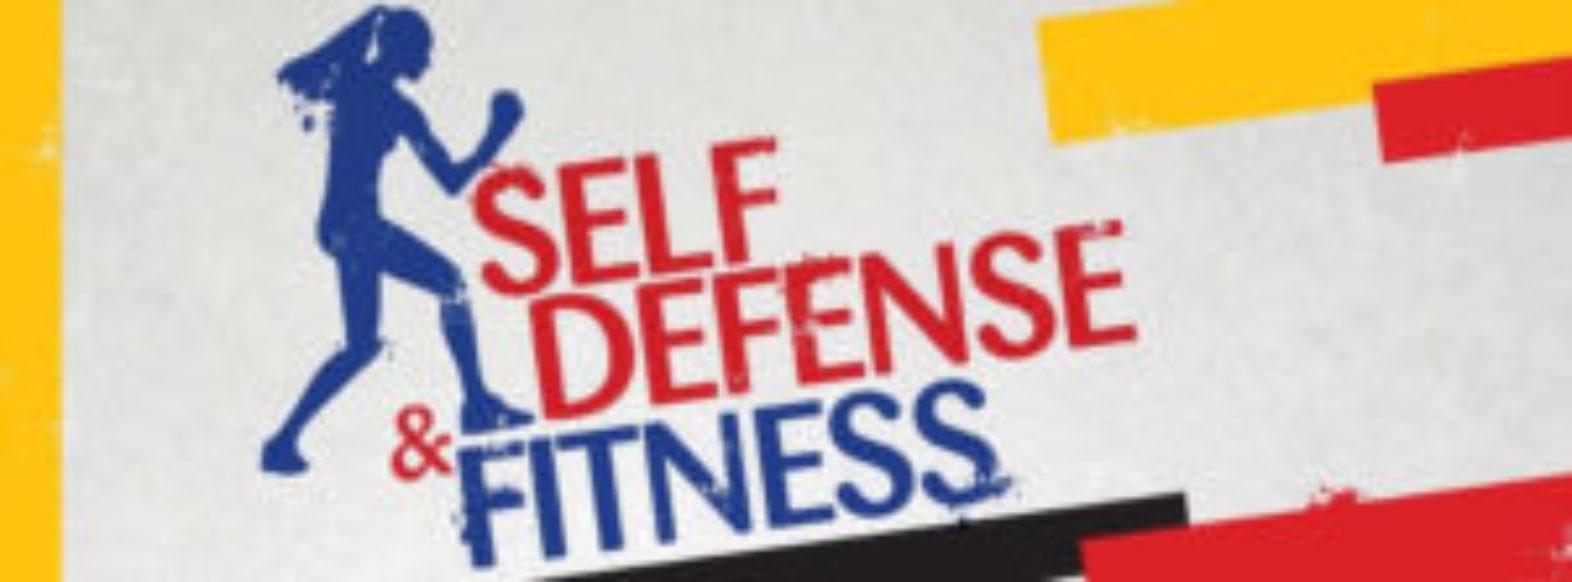 חוג להגנה עצמית